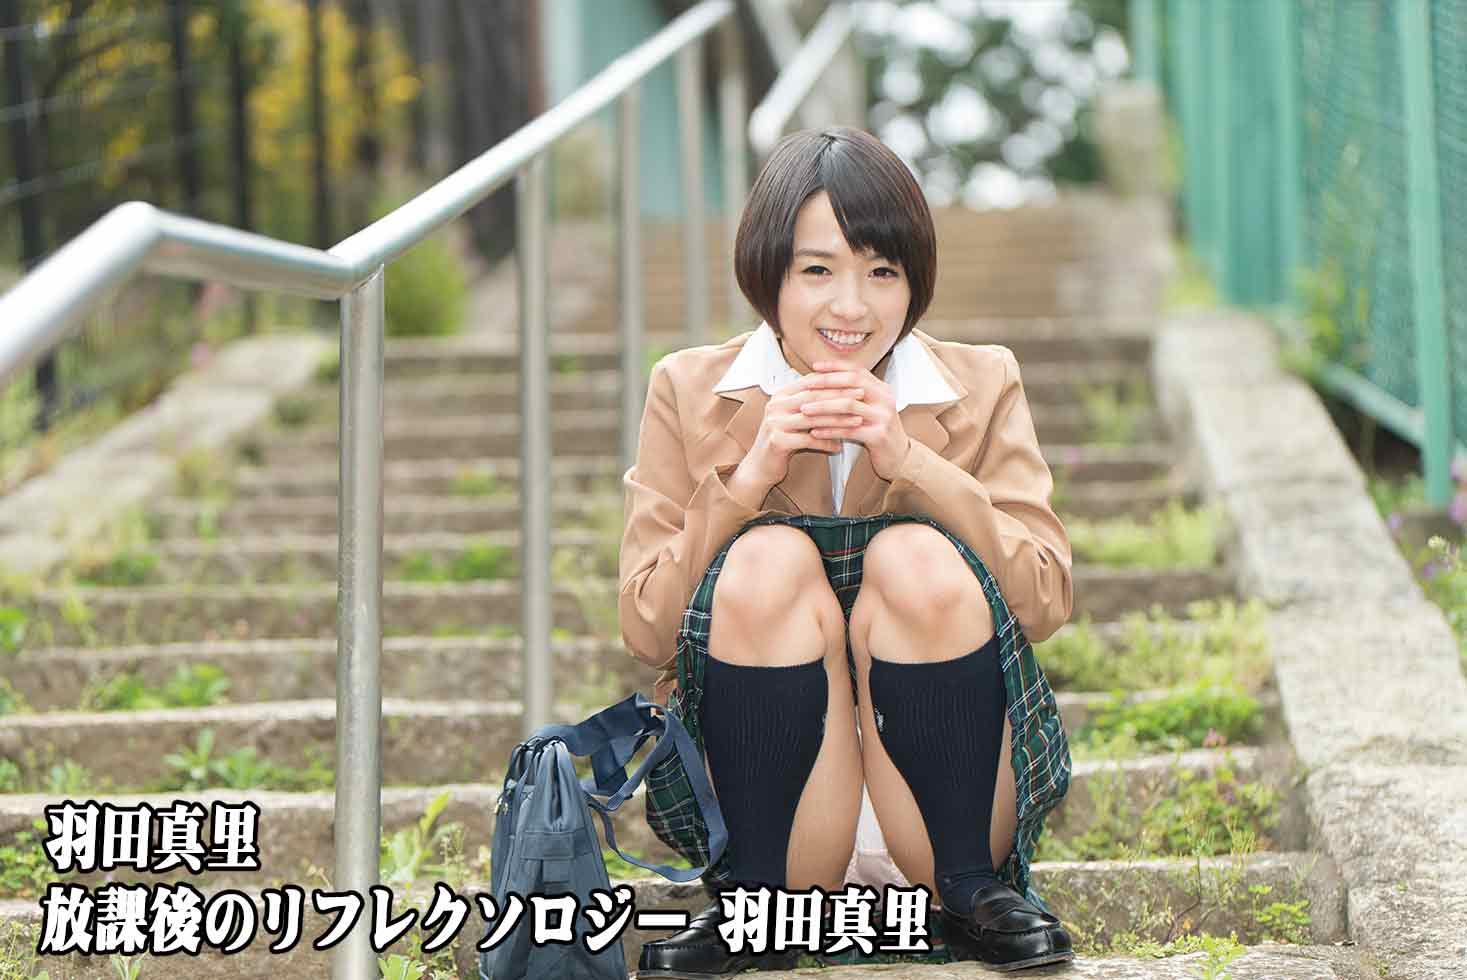 放課後のリフレクソロジー 羽田真里【Pikkur ピッカー】羽田真里